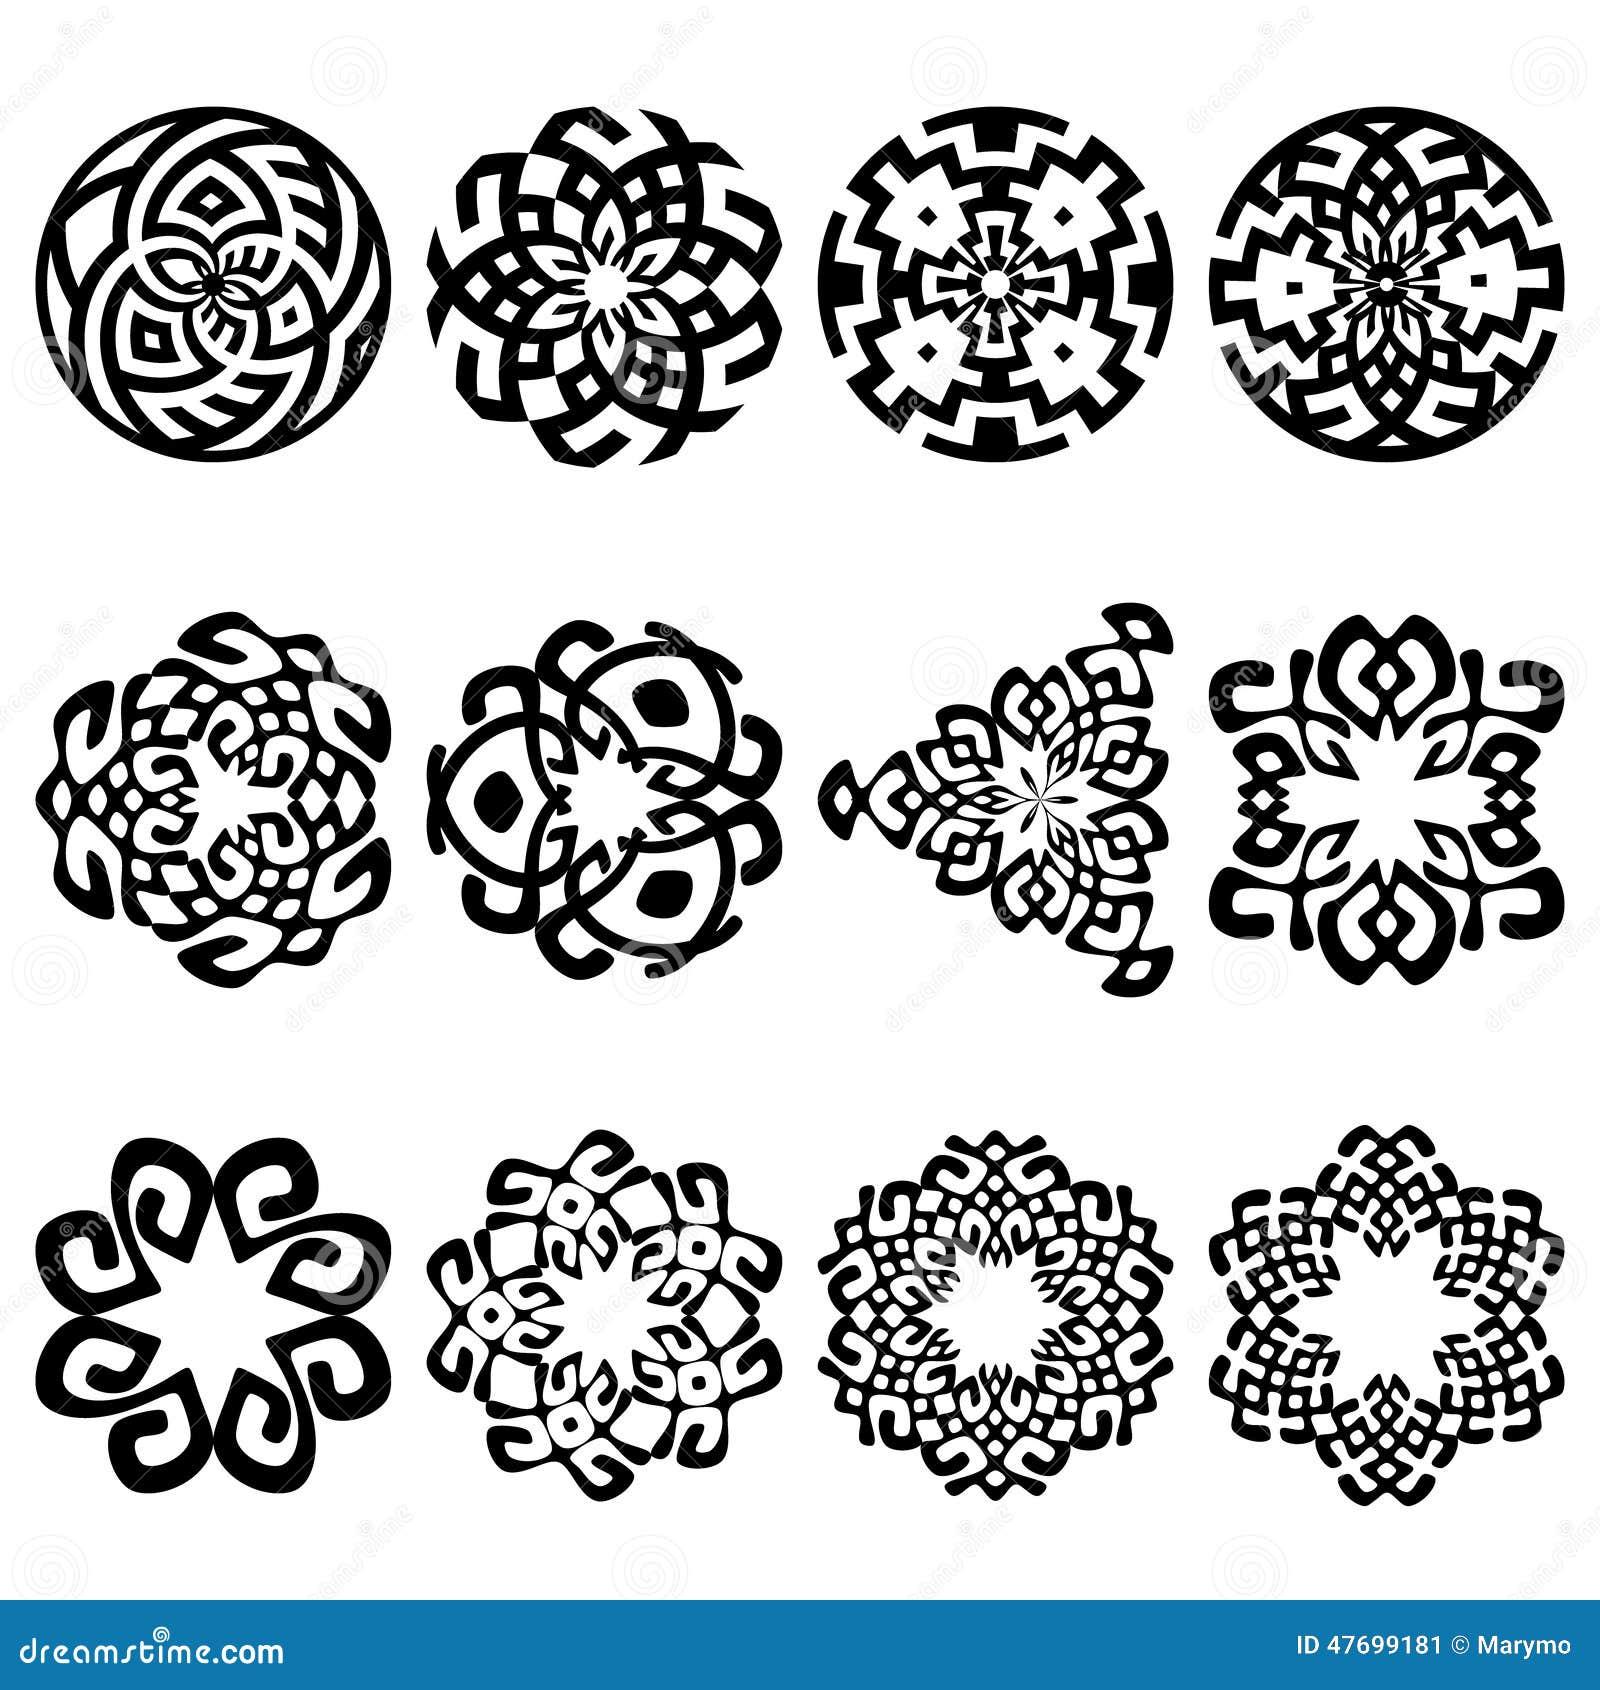 Set Of Black Flower Design Elements Vector Illustration: Set Of 12 Ethnic Floral Signs And Design Elements Stock